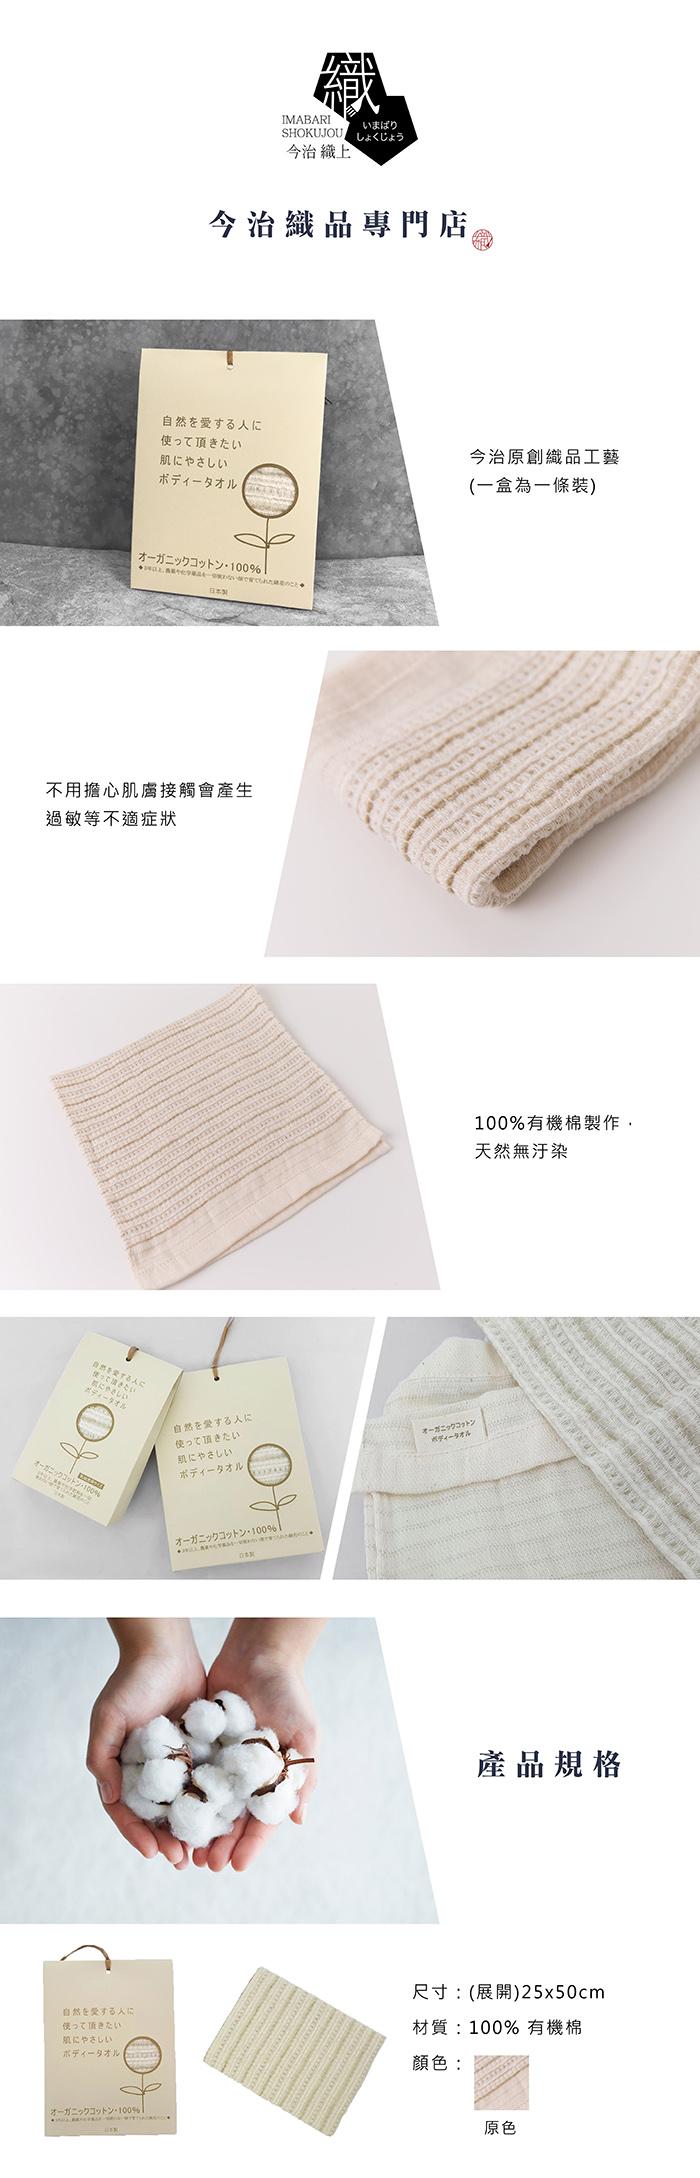 今治織上 | 日本今治毛巾 今治認證 ORIM 有機棉洗澡巾 (大人用)